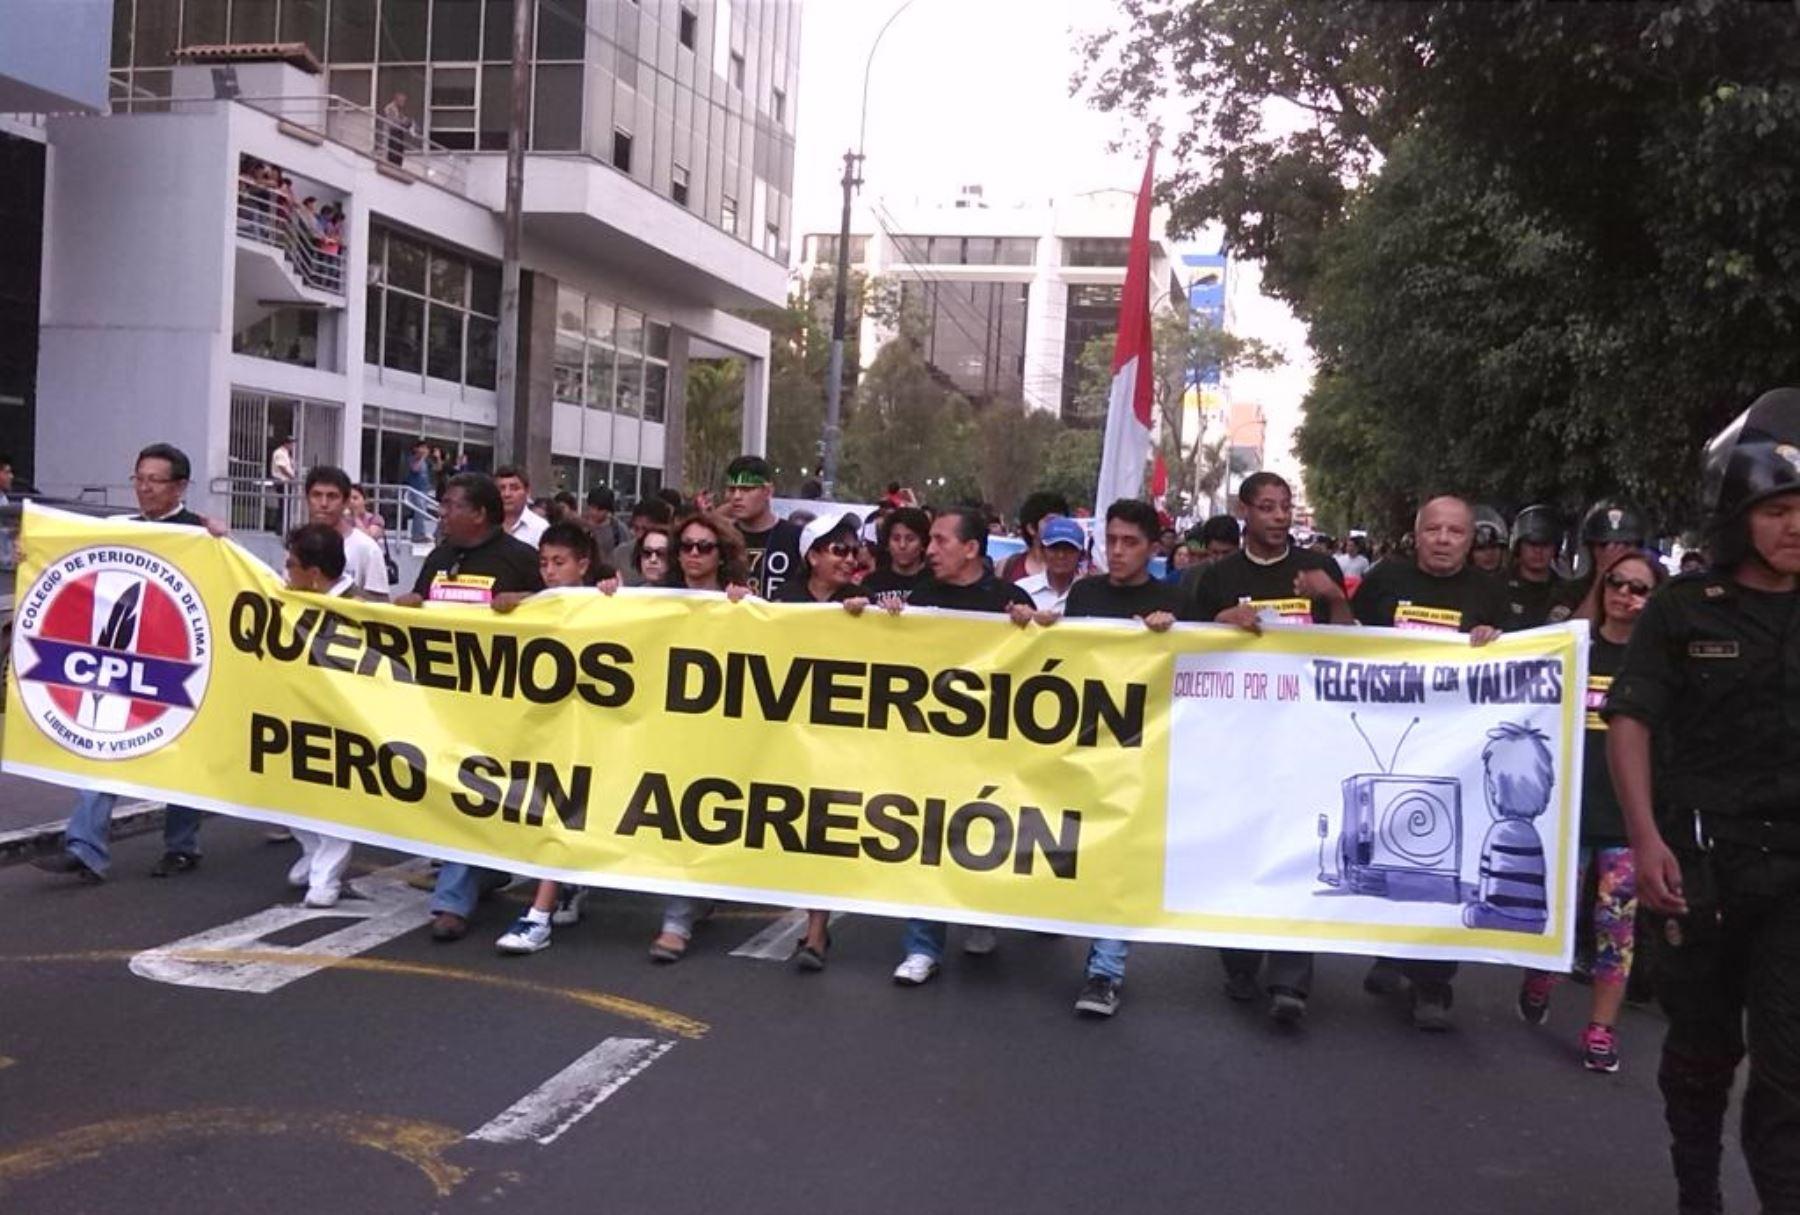 Marcha contra el contenido ofrecido por algunos canales de televisión. Foto: Twitter @Danhael